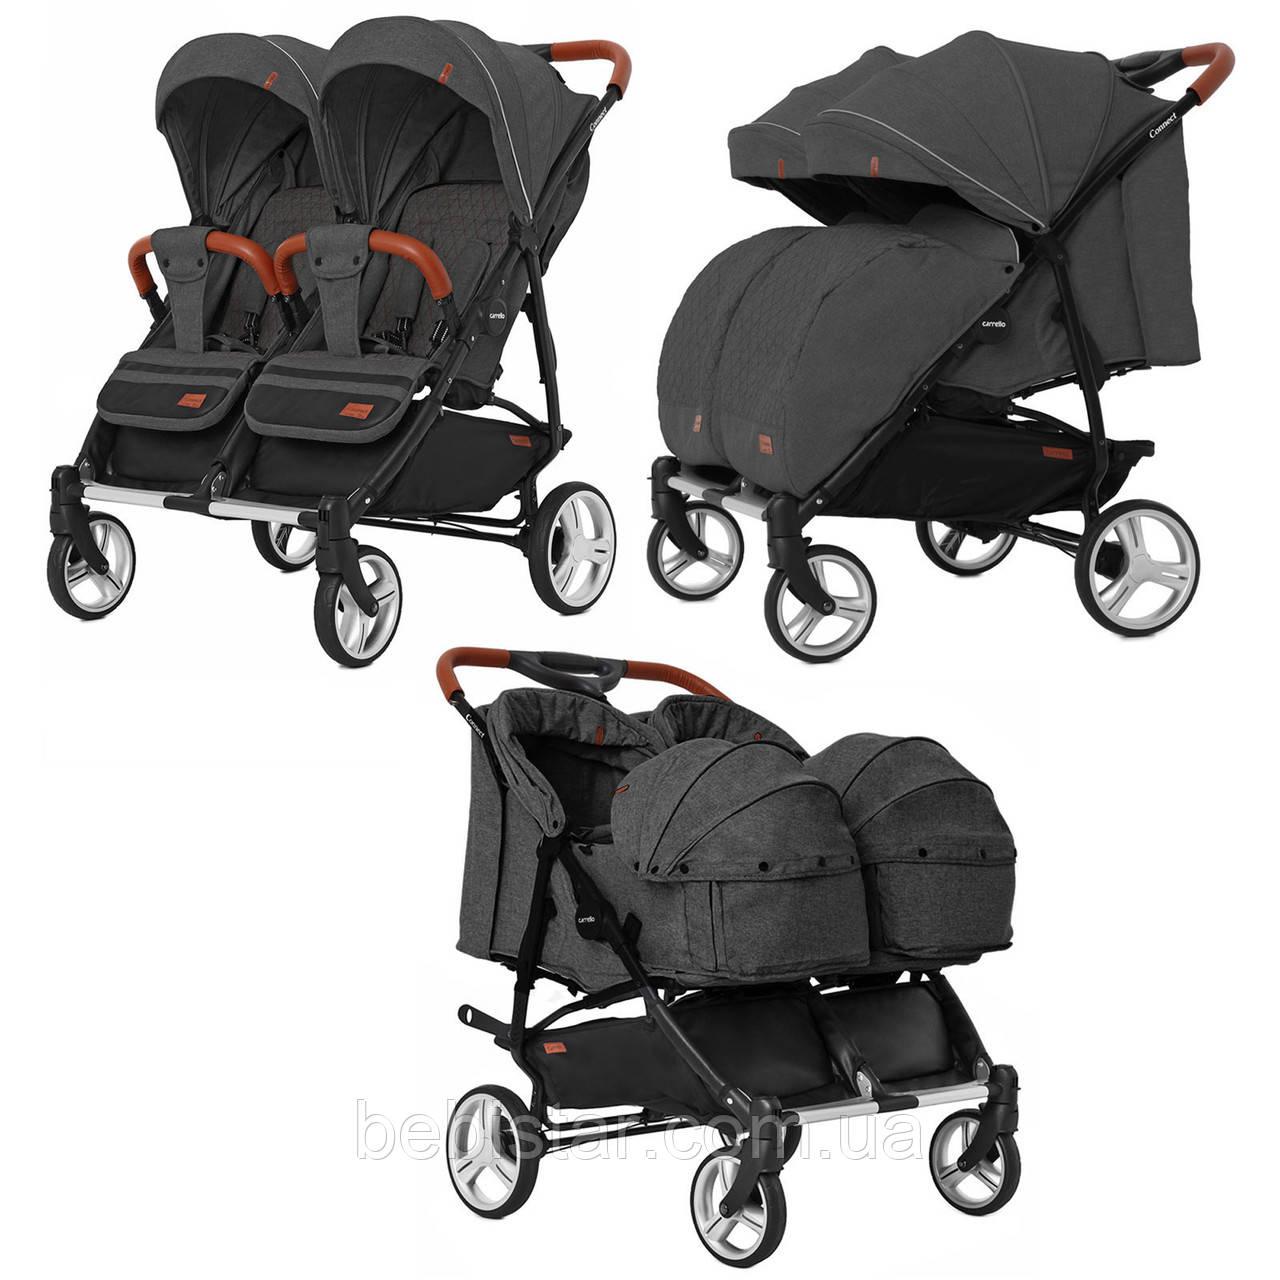 Коляска прогулочная для двойни черная с люлькой CARRELLO Connect CRL-5502/1 Serious Black деткам с рождения